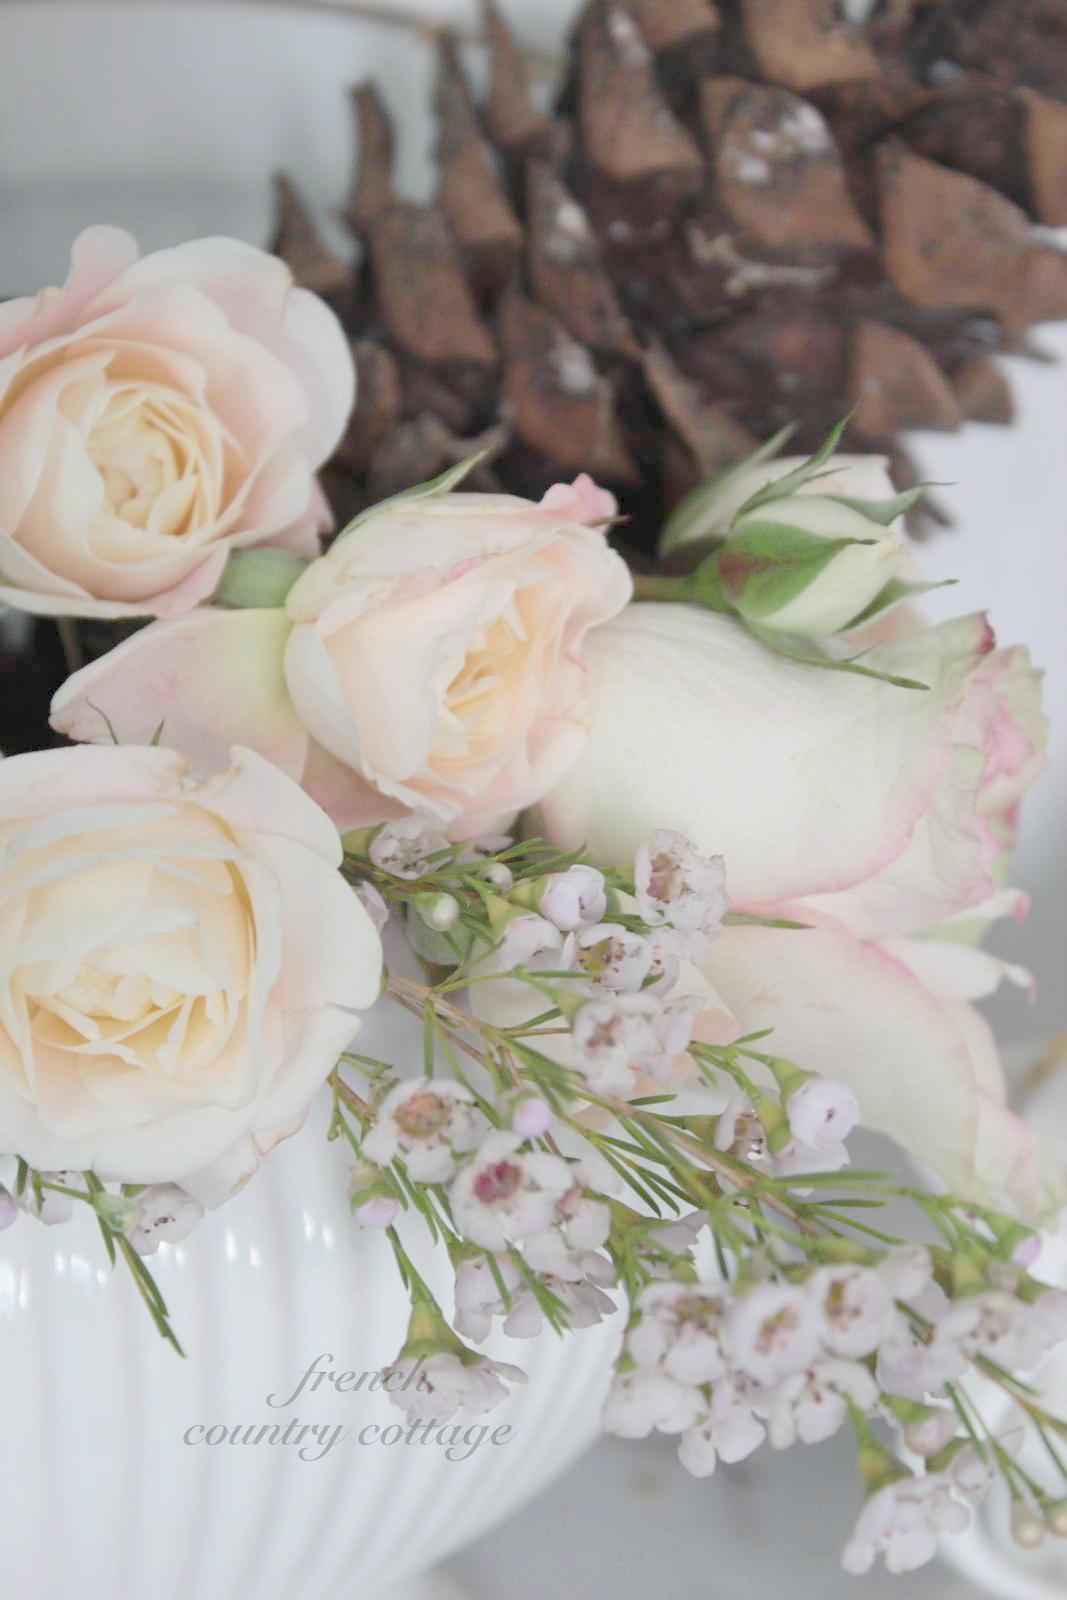 Wax flowers french country cottage wax flowers mightylinksfo